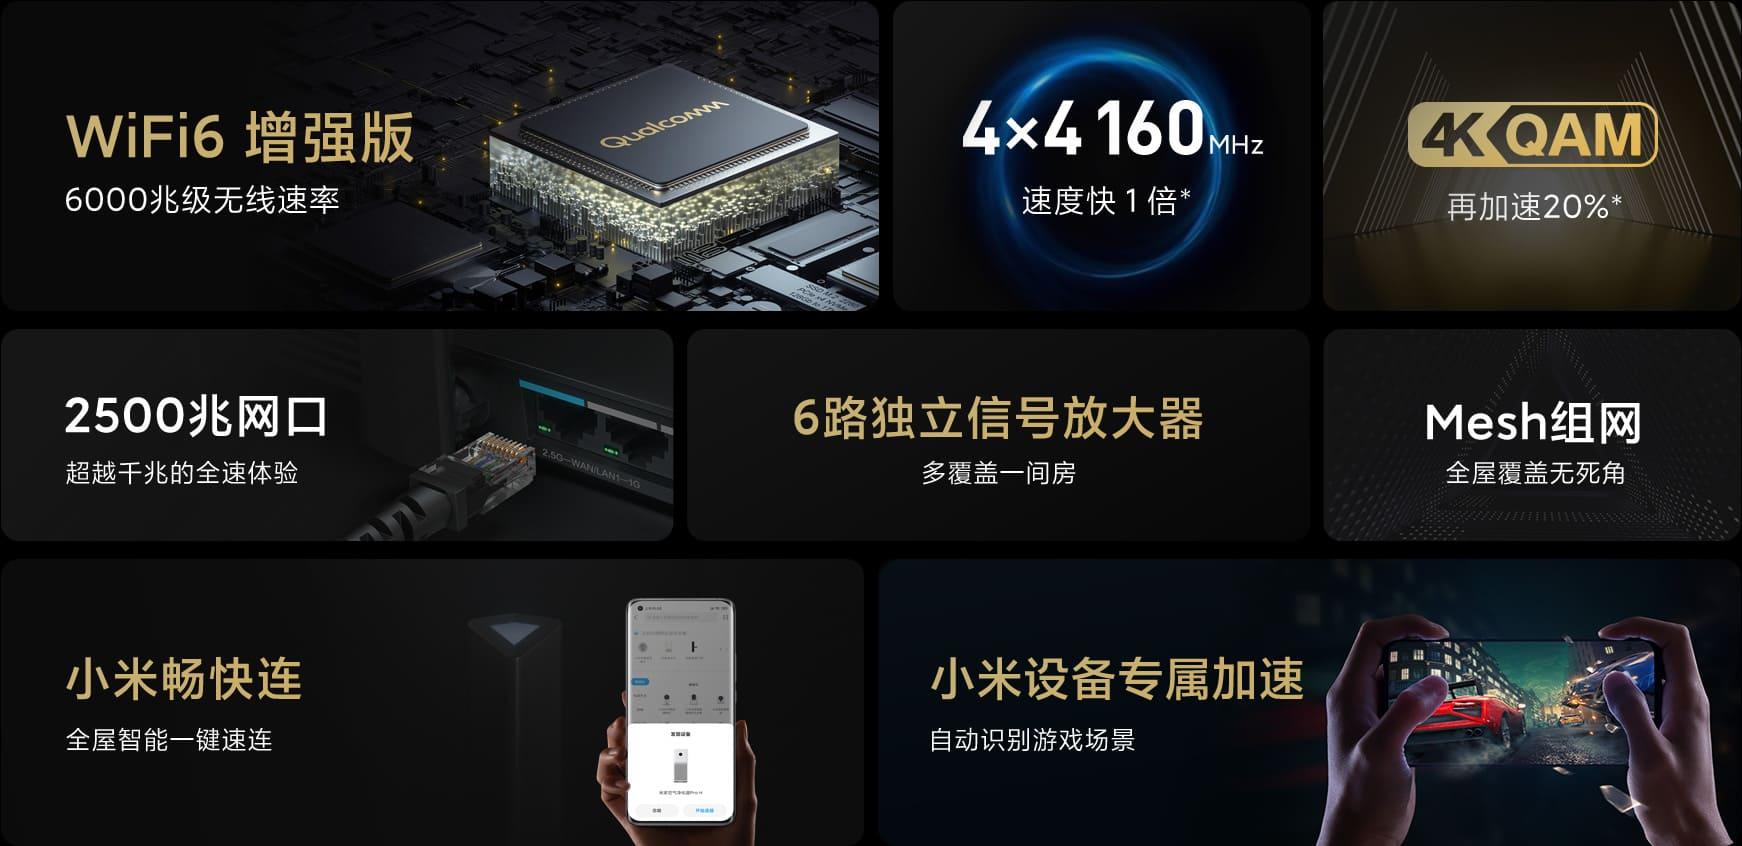 especificaciones-Xiaomi-AX6000